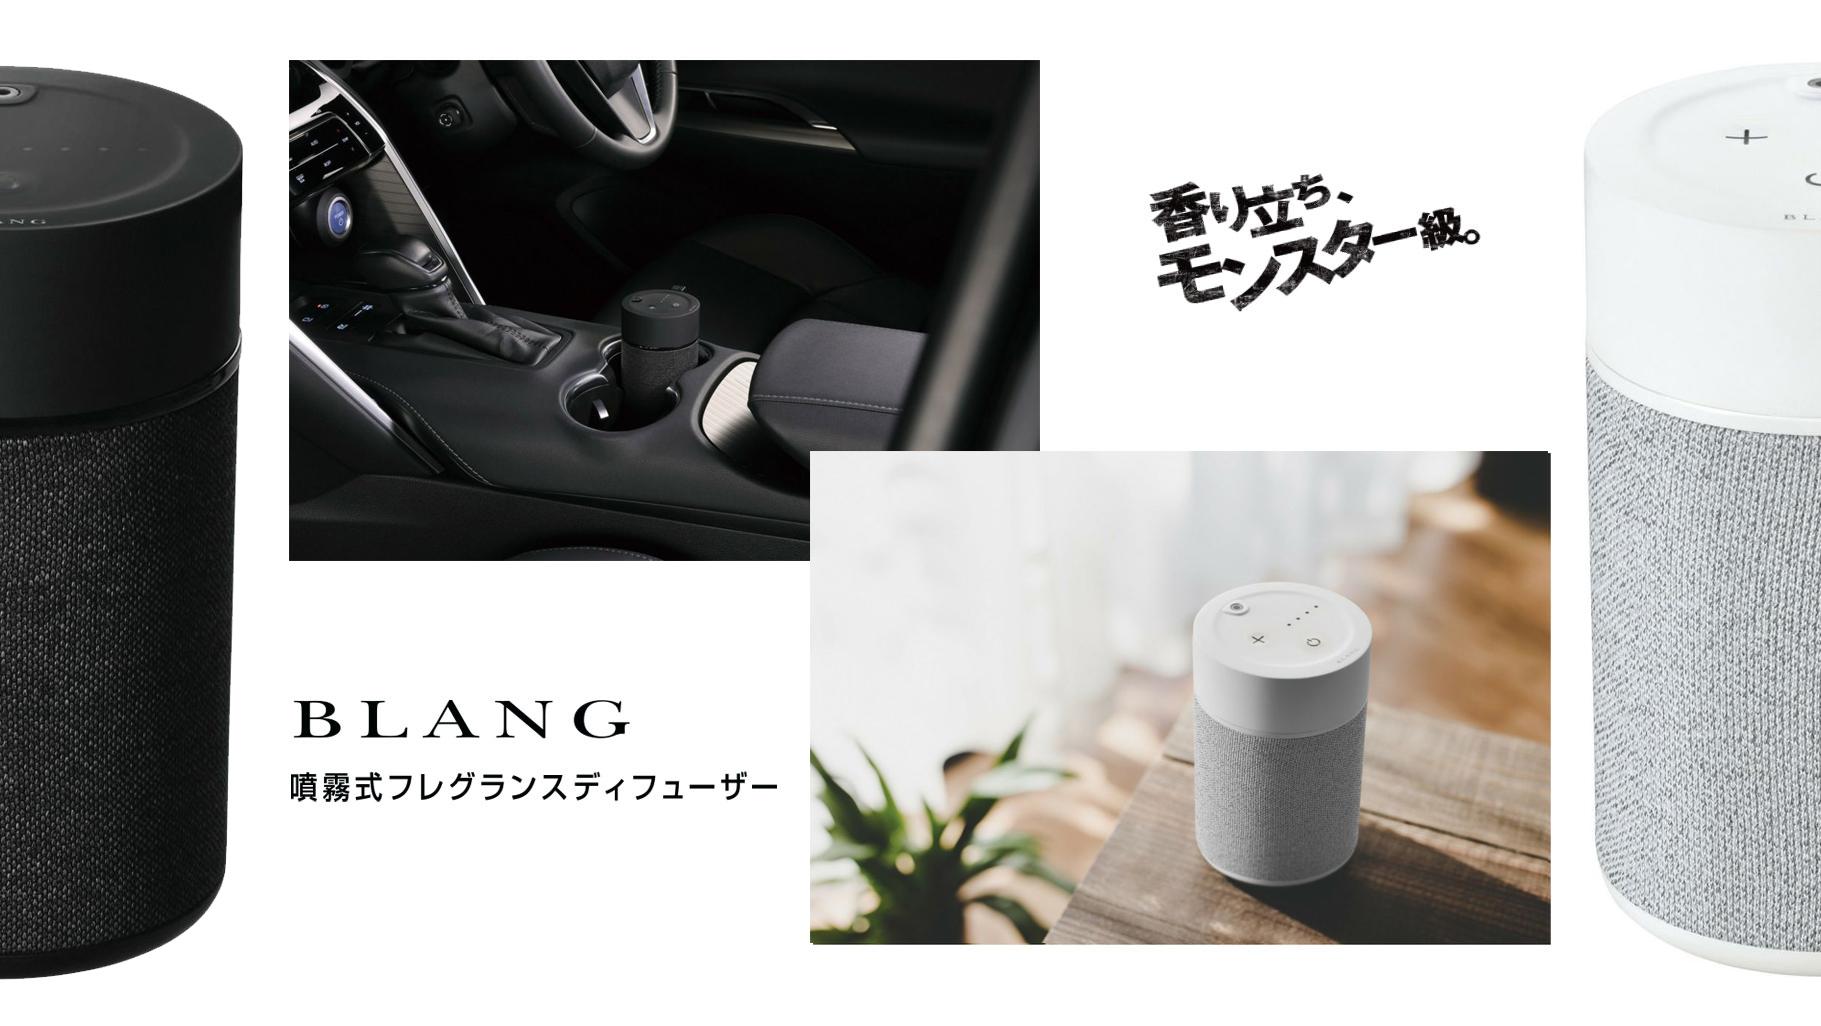 カーメイト ブラング 噴霧式フレグランスディフューザー